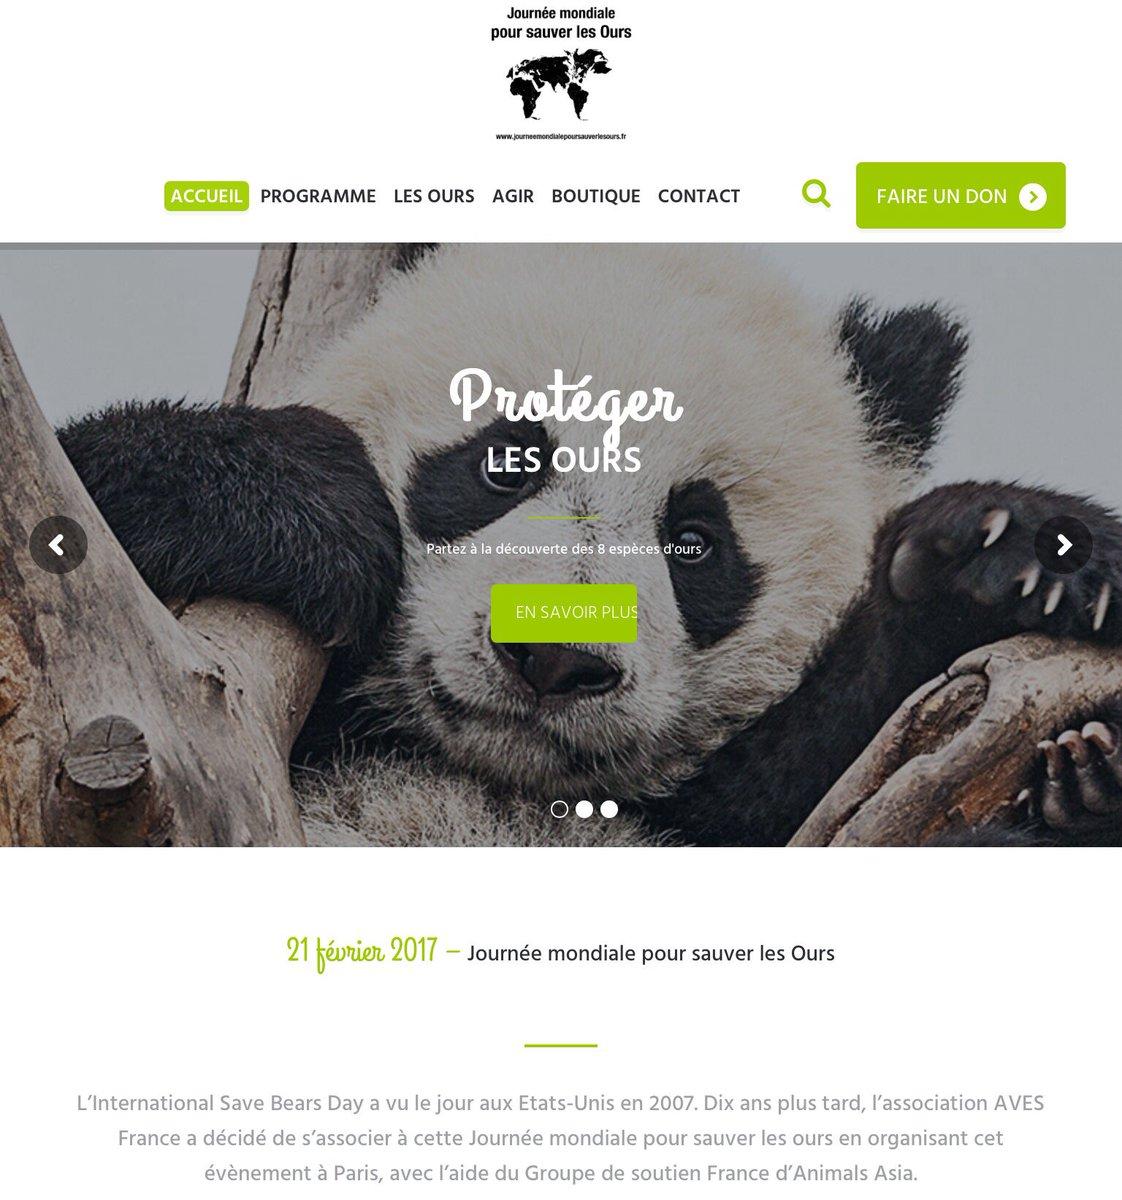 Animations, collecte, sensibilisation. On parlera des #ours le 18/02 à @Paris. Un #rt pour nous aider @lolobababa ?  http://www. journeemondialepoursauverlesours.fr  &nbsp;  <br>http://pic.twitter.com/oN4NFqyVOk